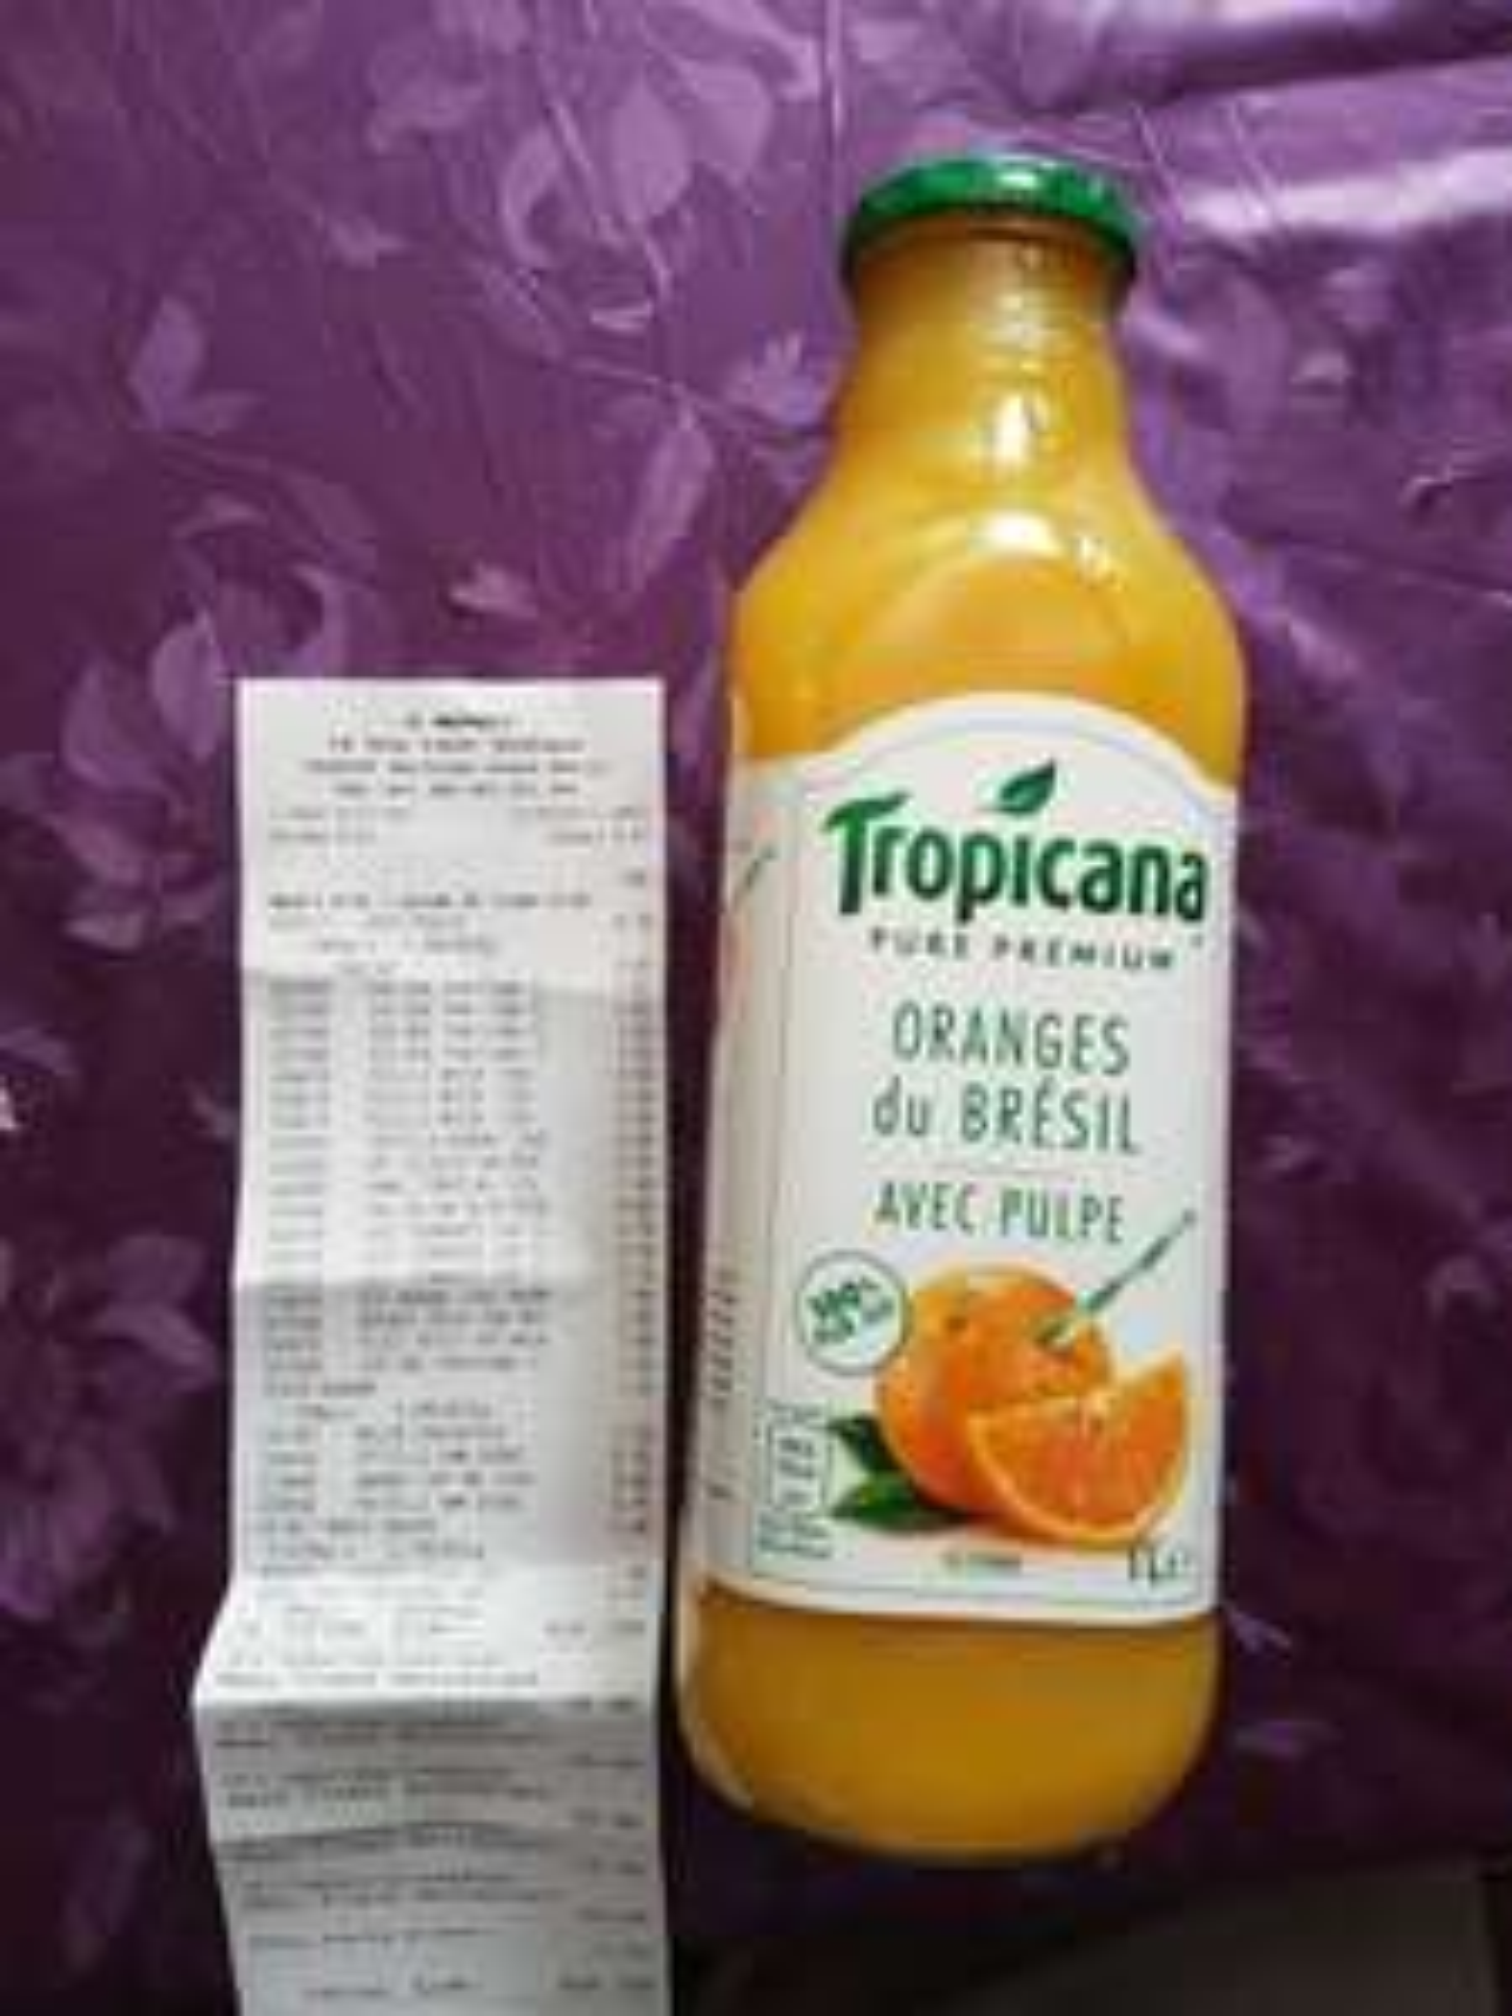 Bouteille de jus d'orange Tropicana - 1L (DLC au 30/06)